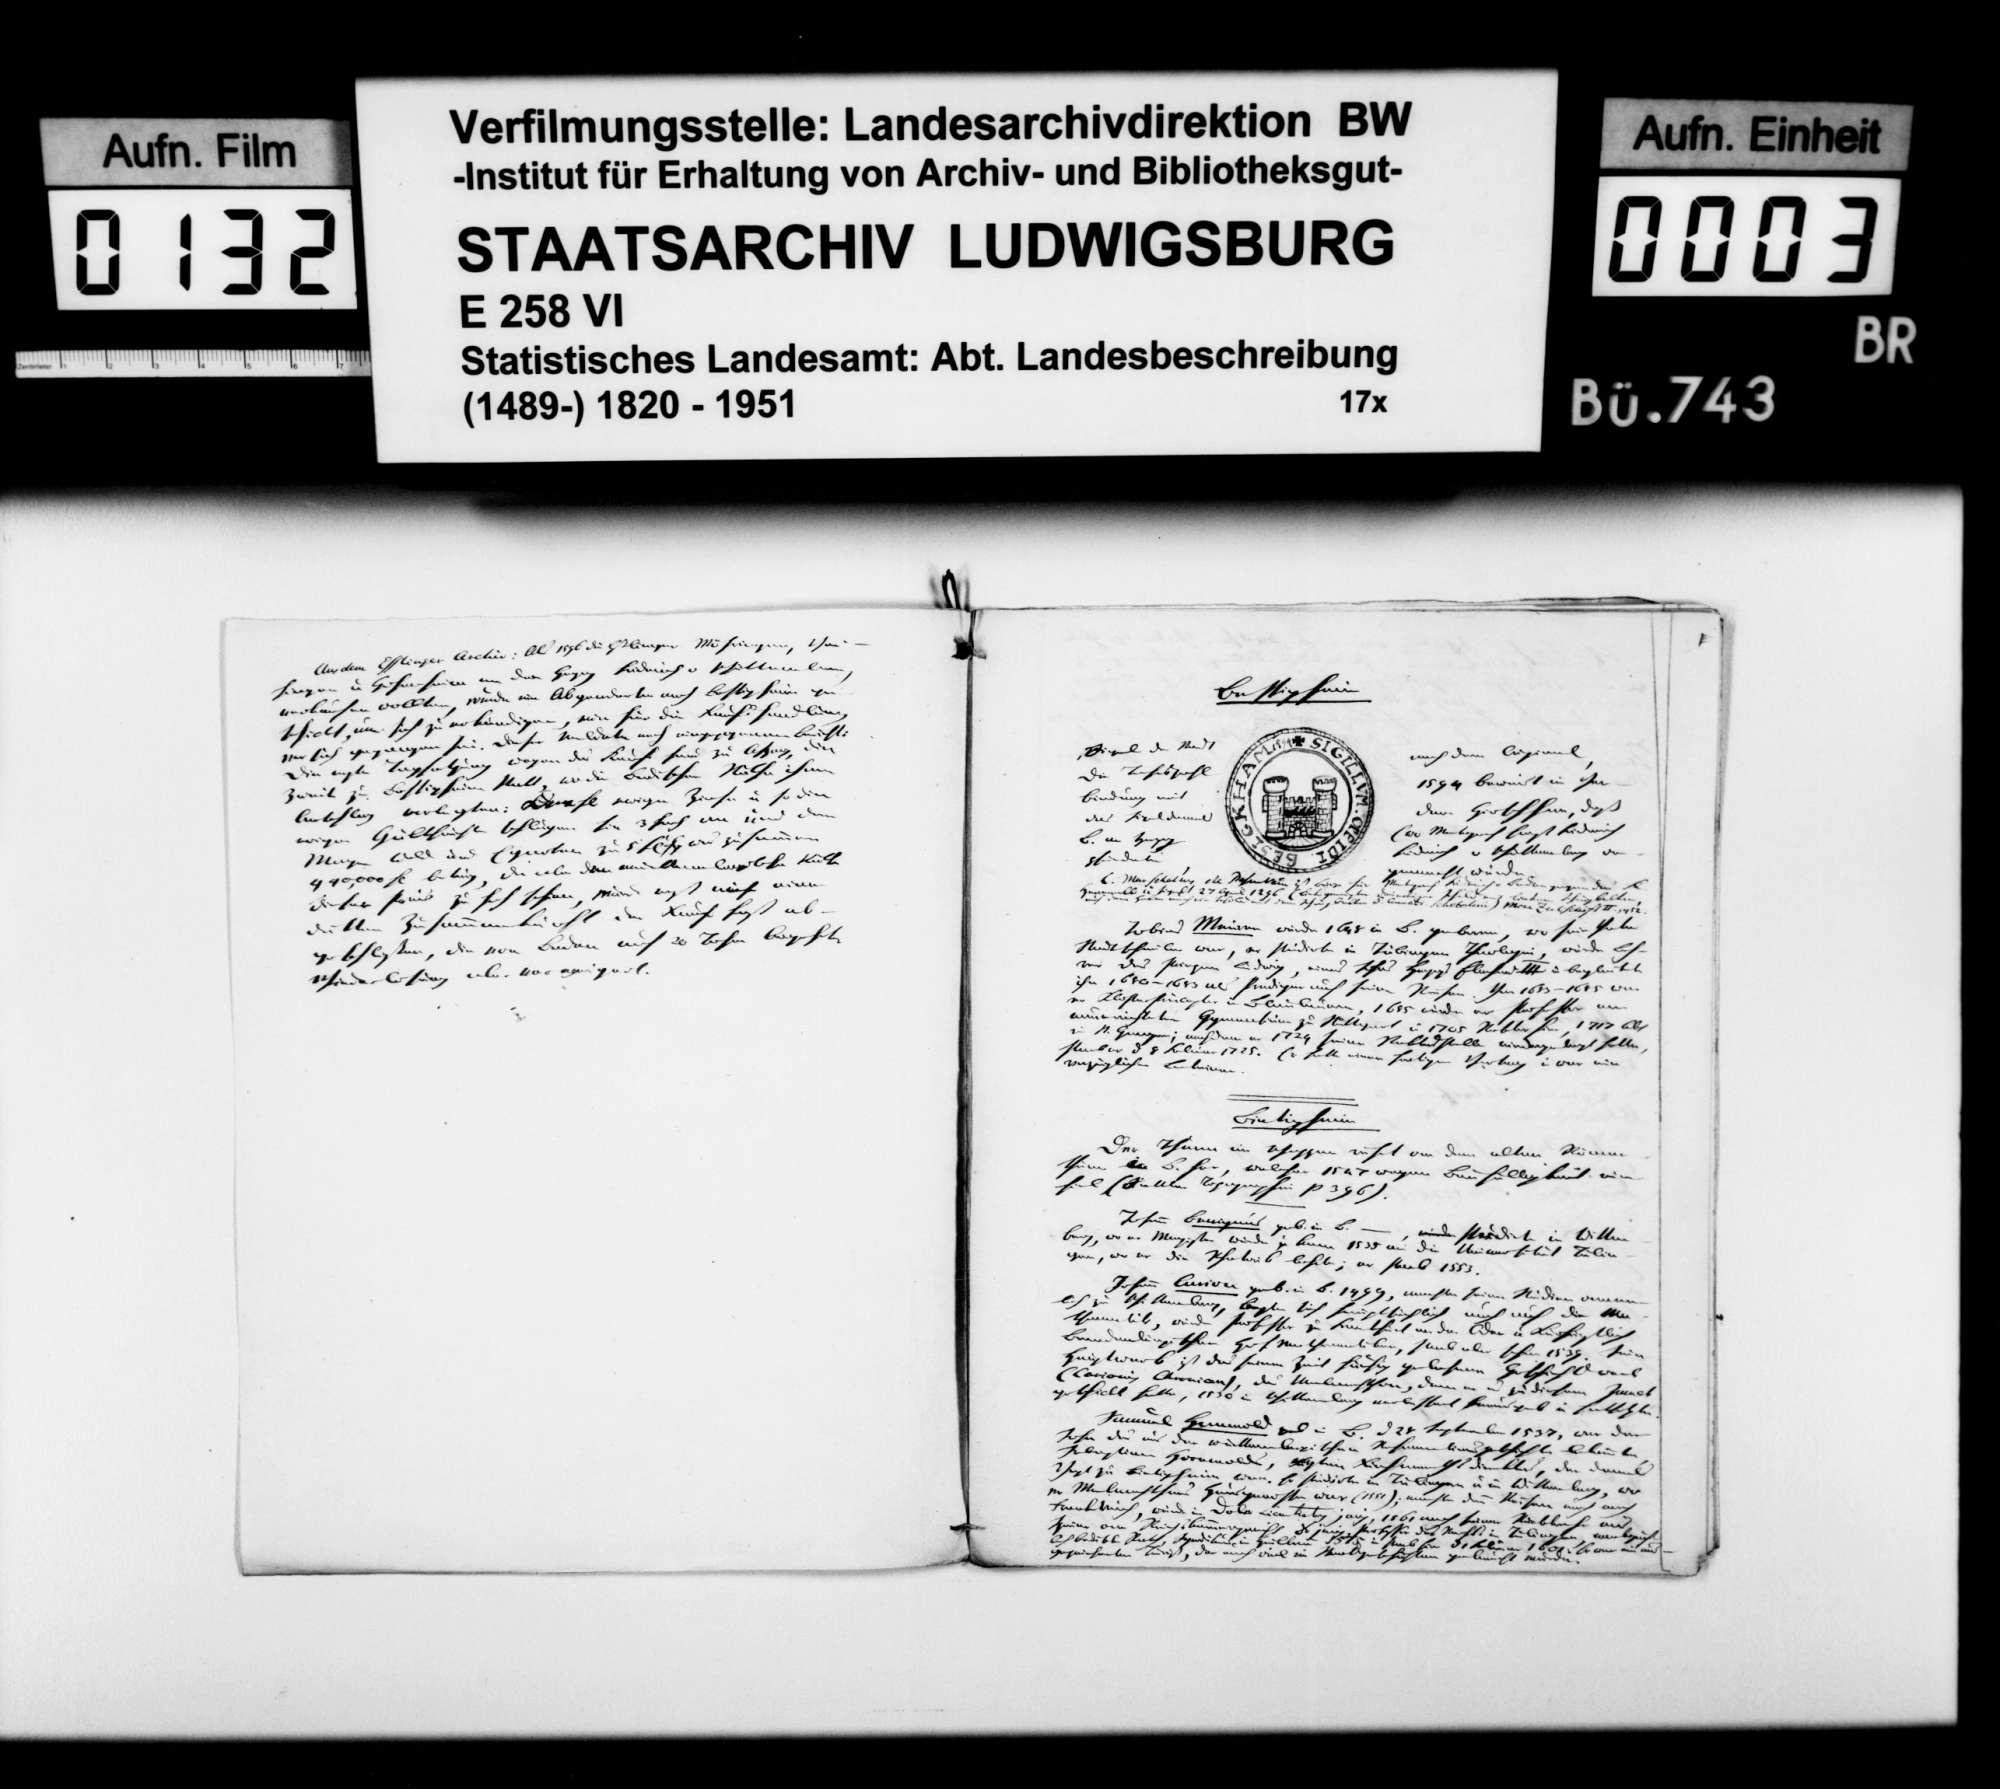 Beiträge des [Esslinger Konrektors] Karl Pfaff zur geschichtlichen Topographie des Oberamts, Bild 2